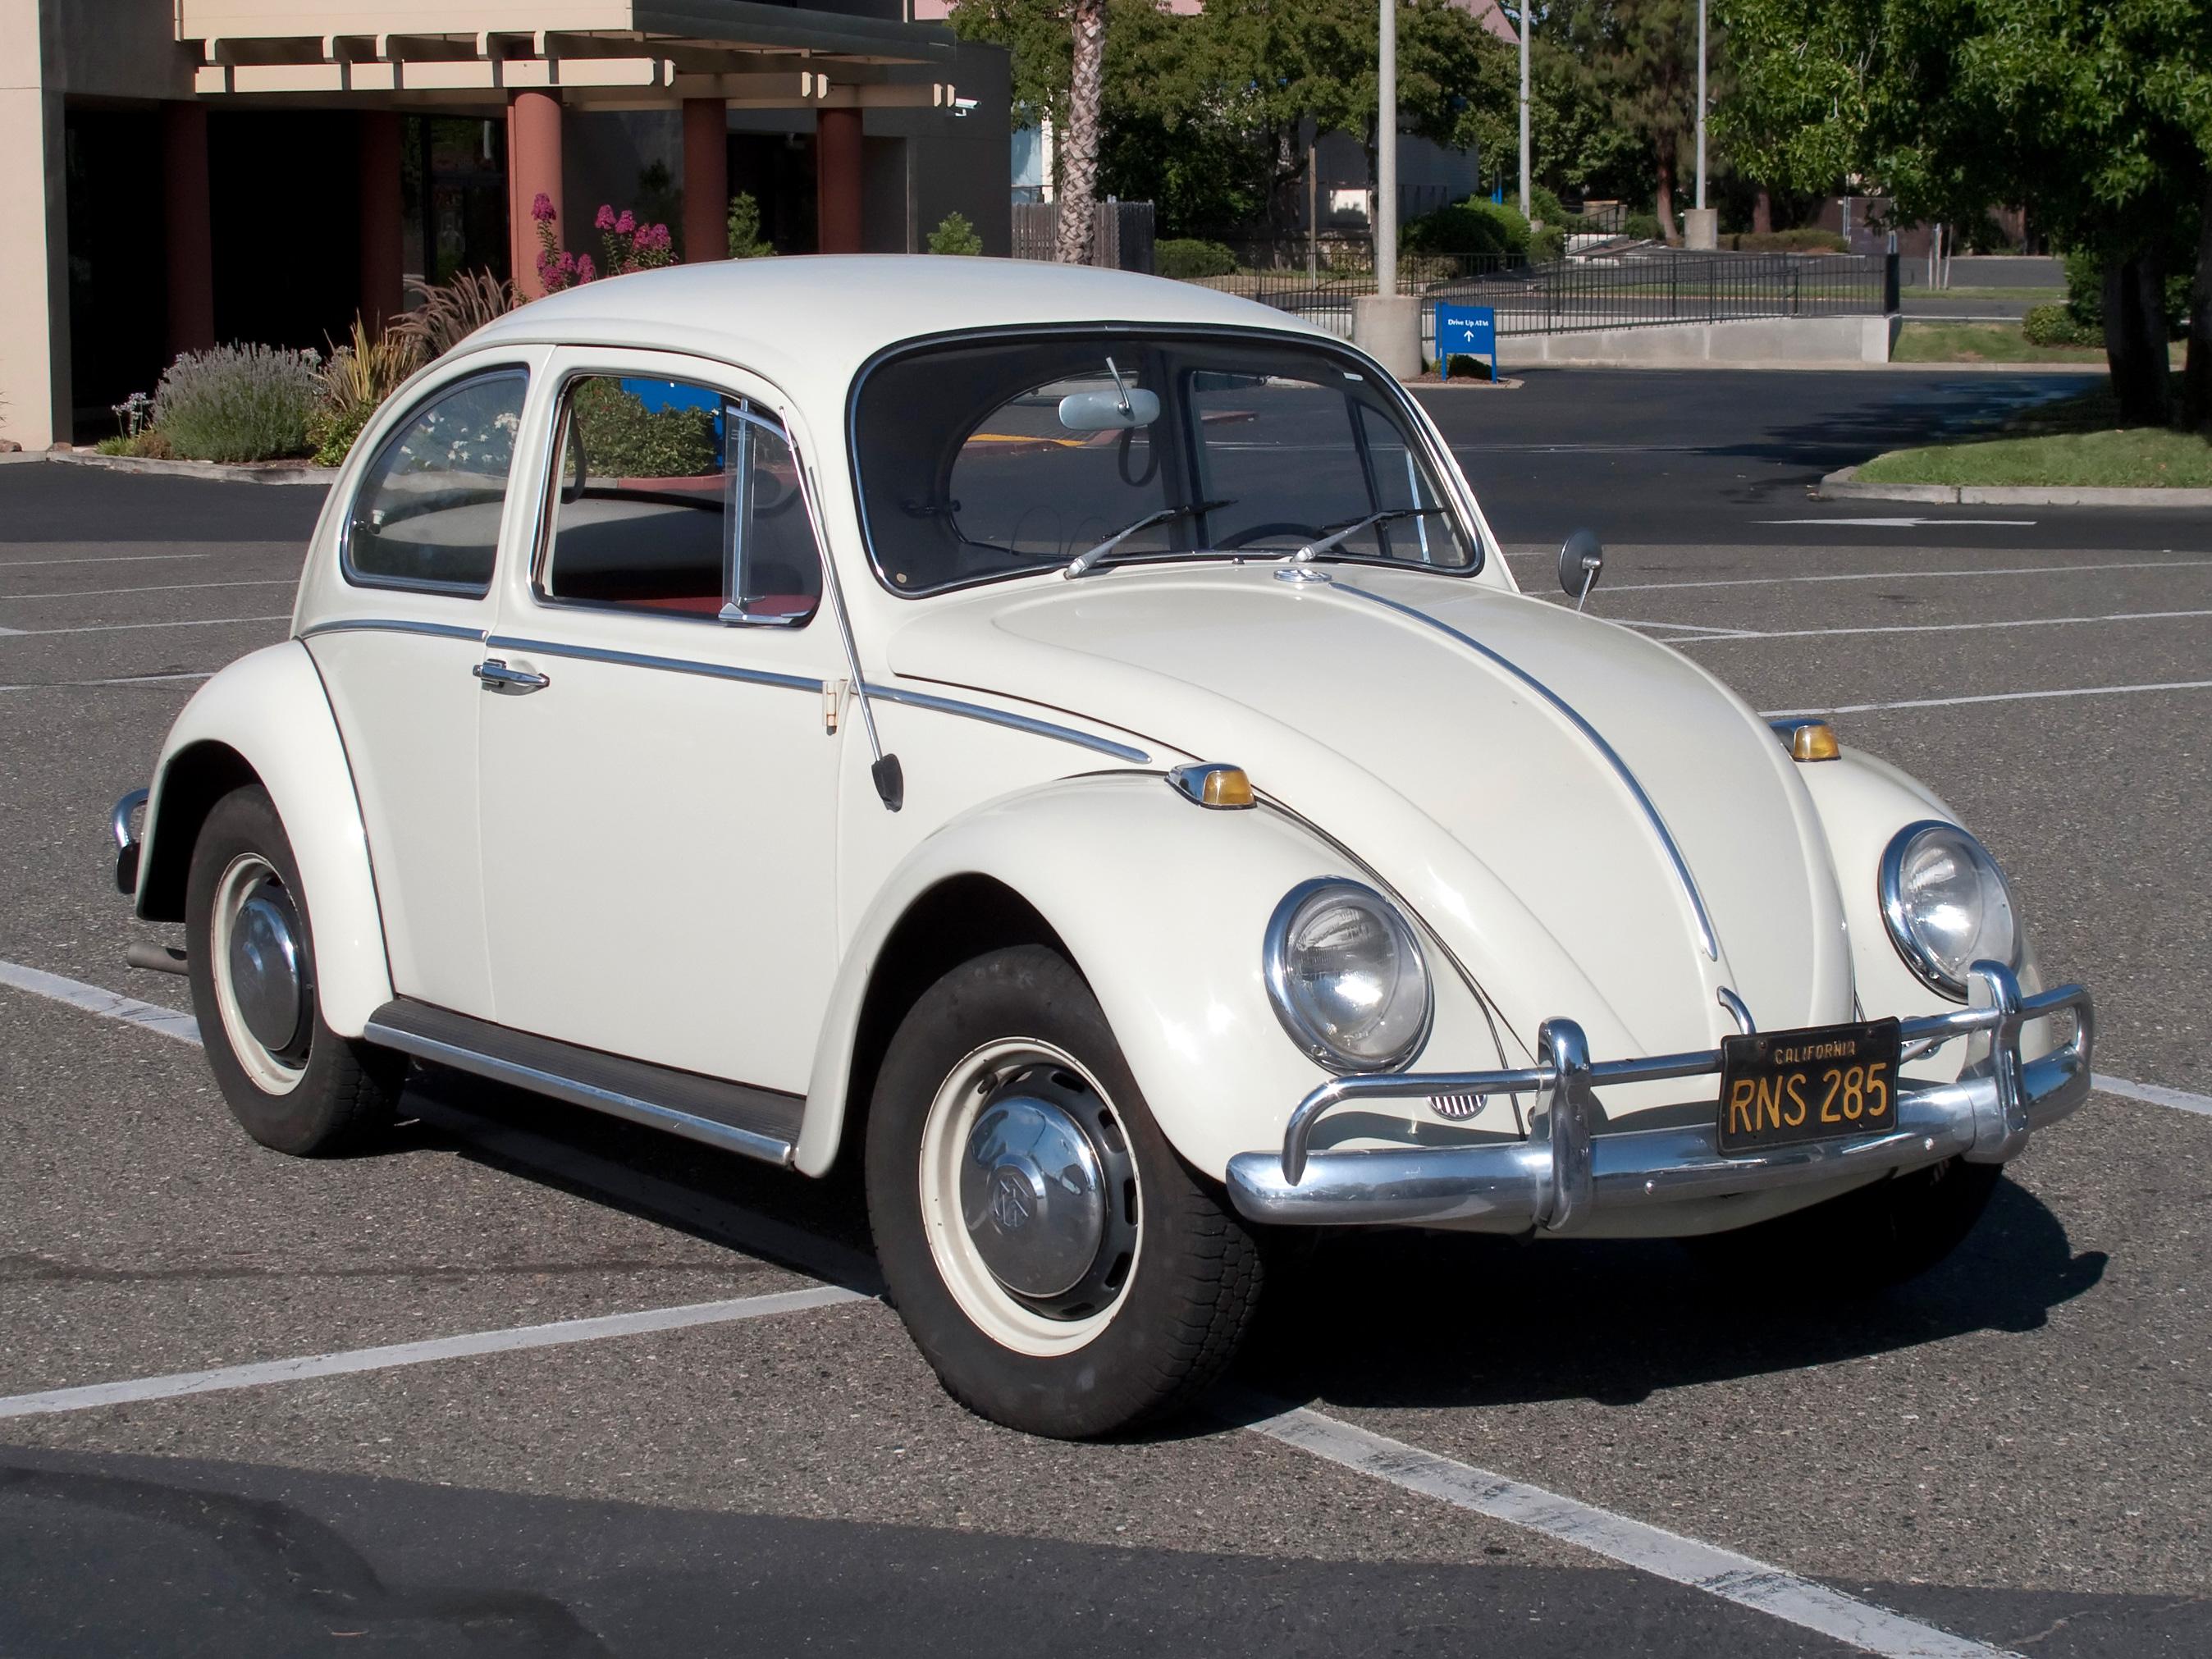 « فولكسفاجن » تعلن توقف إنتاج السيارة الأشهر في الستينات